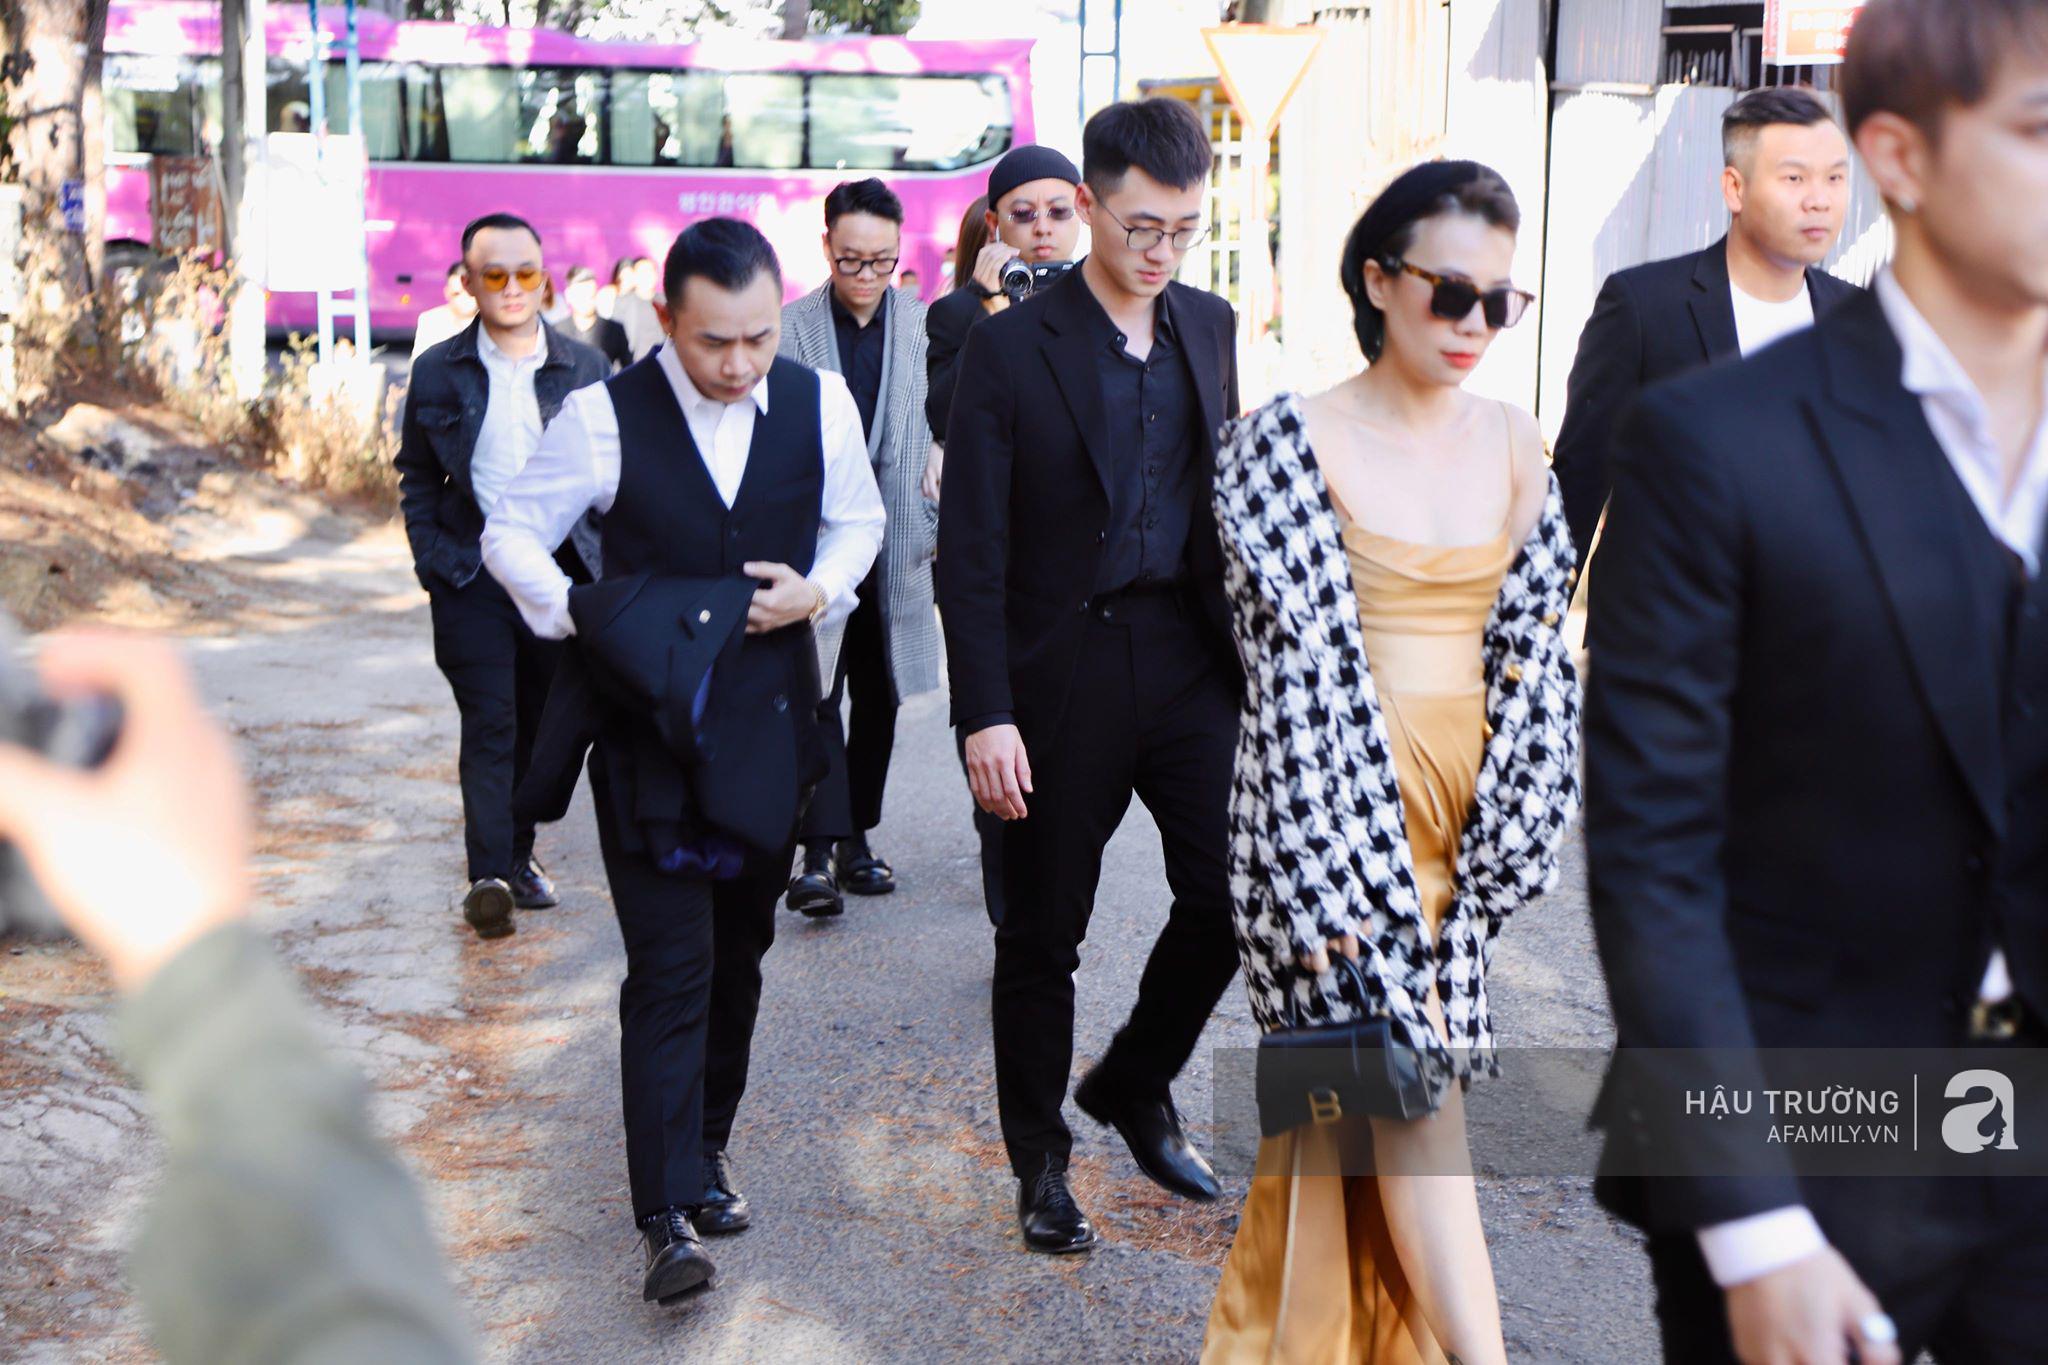 Tiệc cưới chính thức của Tóc Tiên và Hoàng Touliver: Kelbin, Tiên Tiên cùng nhiều nghệ sĩ váy áo lộng lẫy bí mật xuất hiện - Ảnh 10.